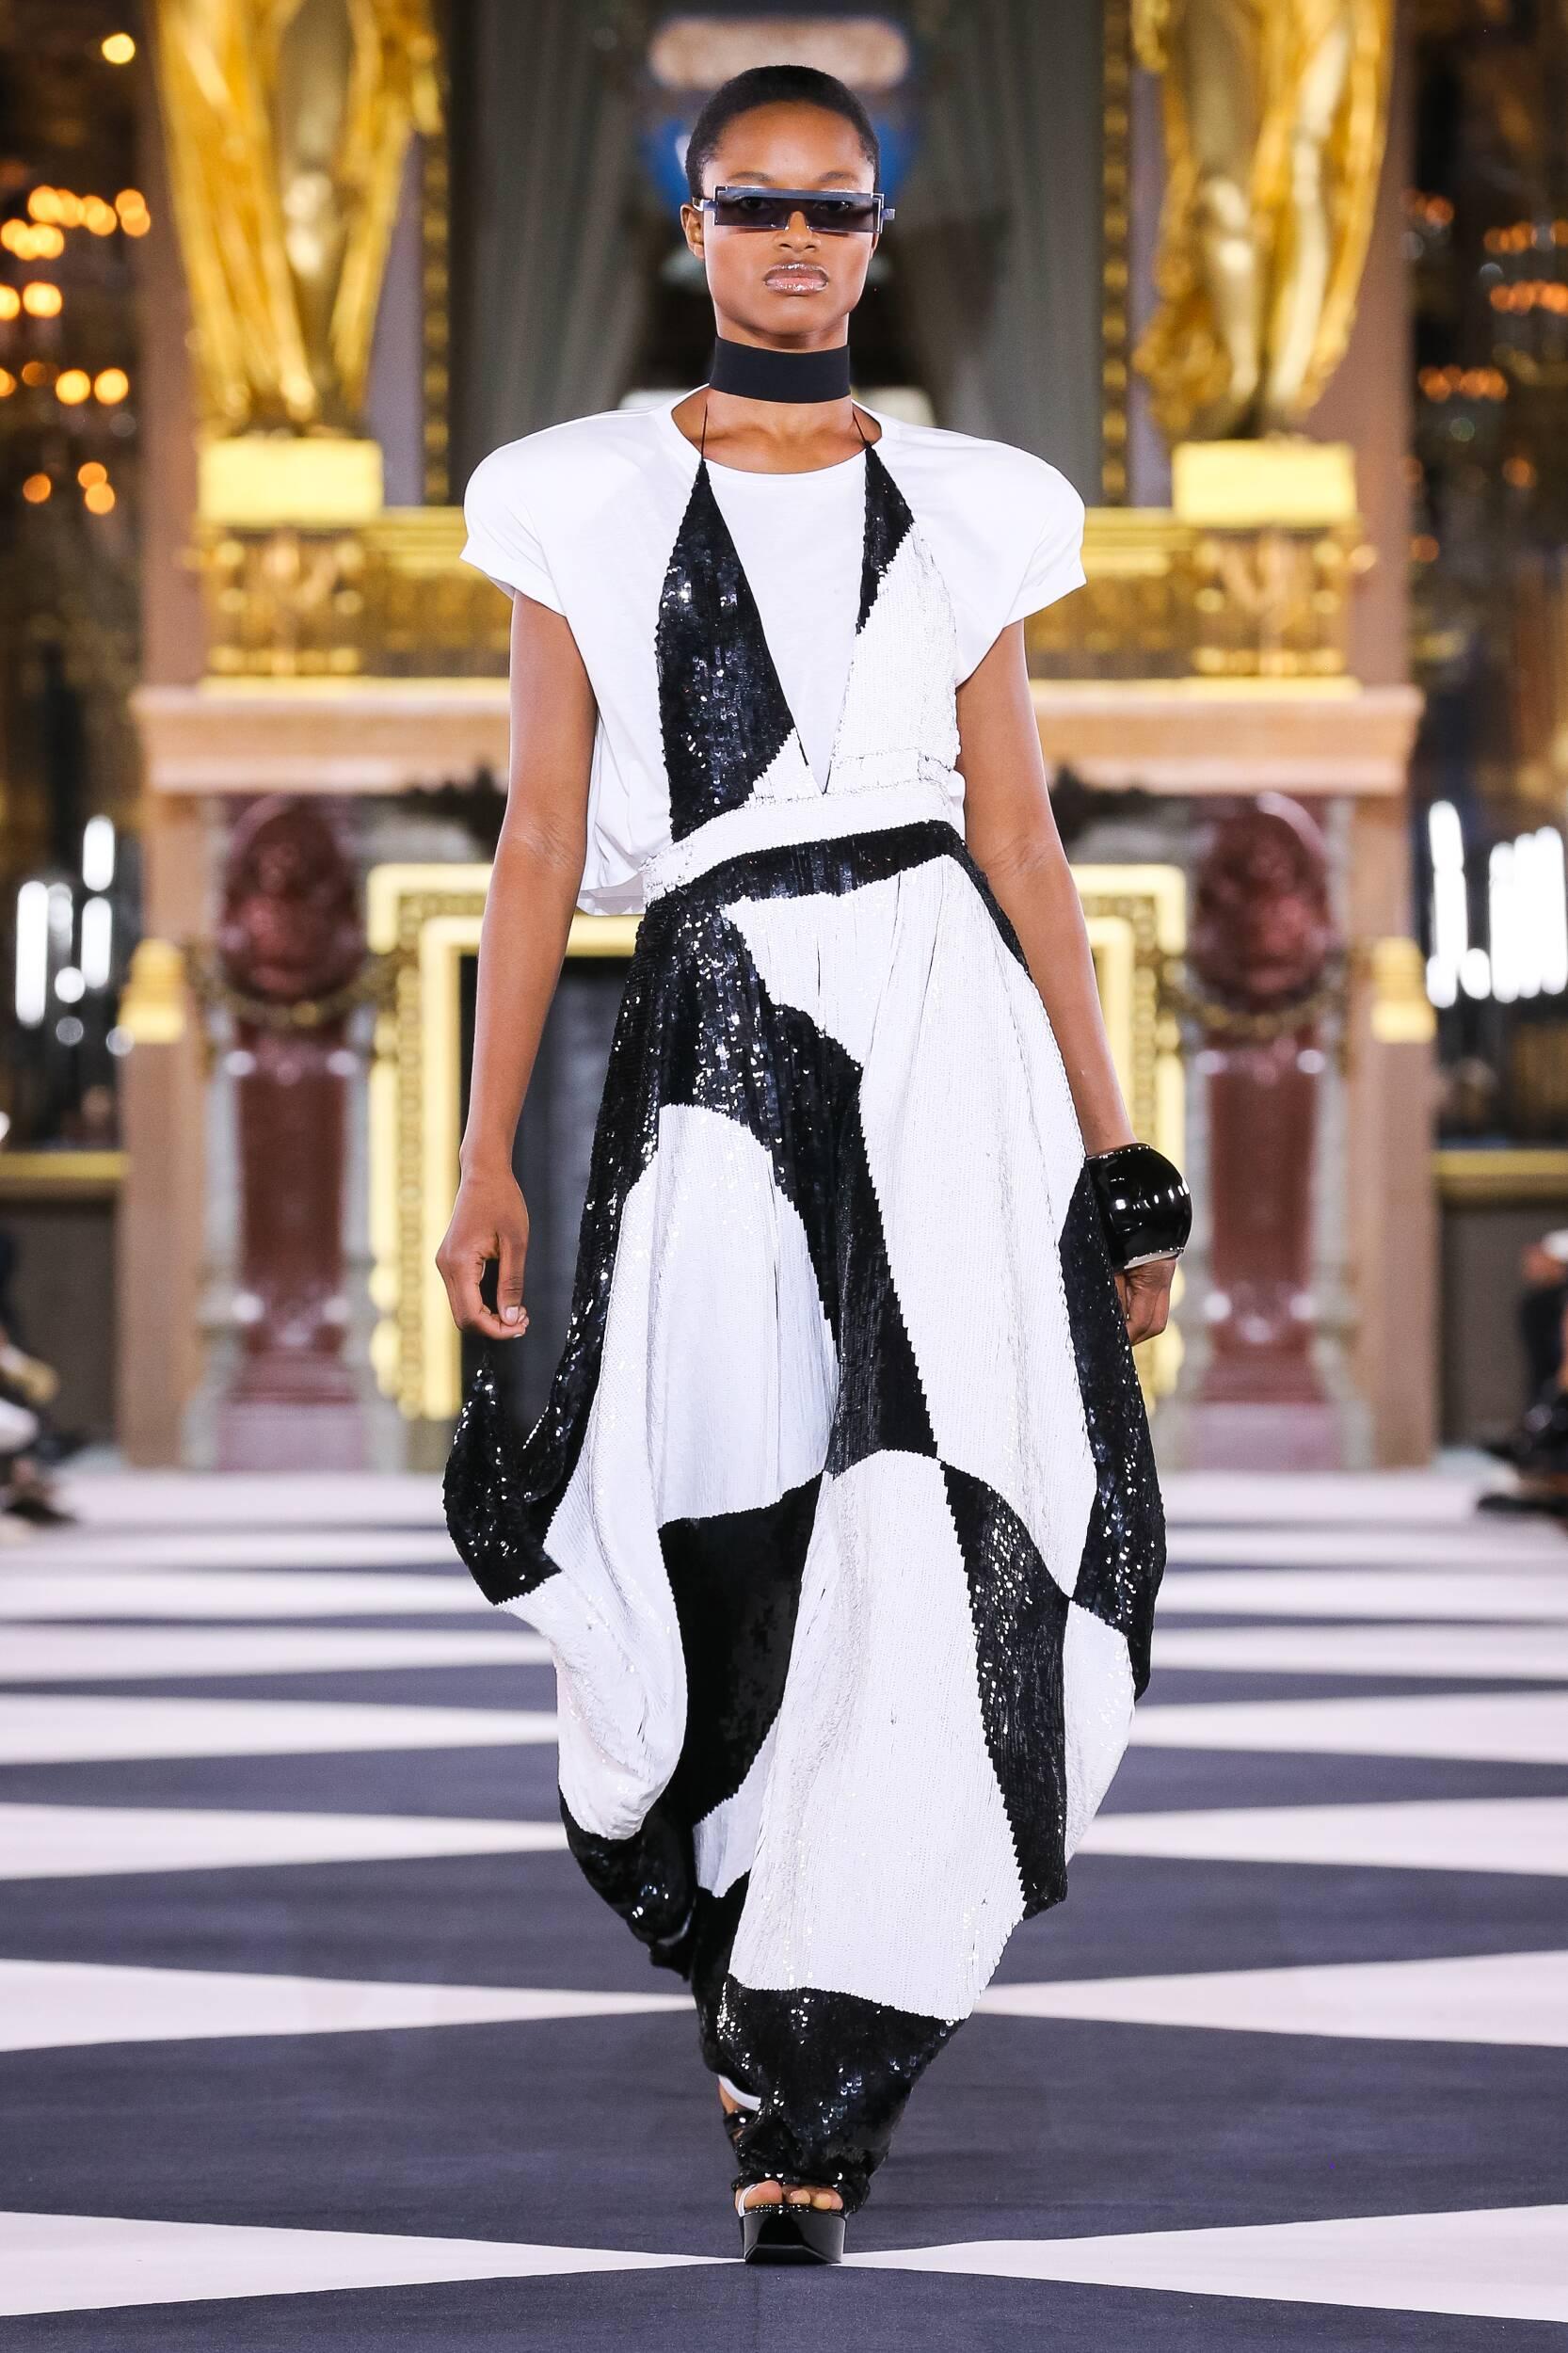 Balmain SS 2020 Womenswear